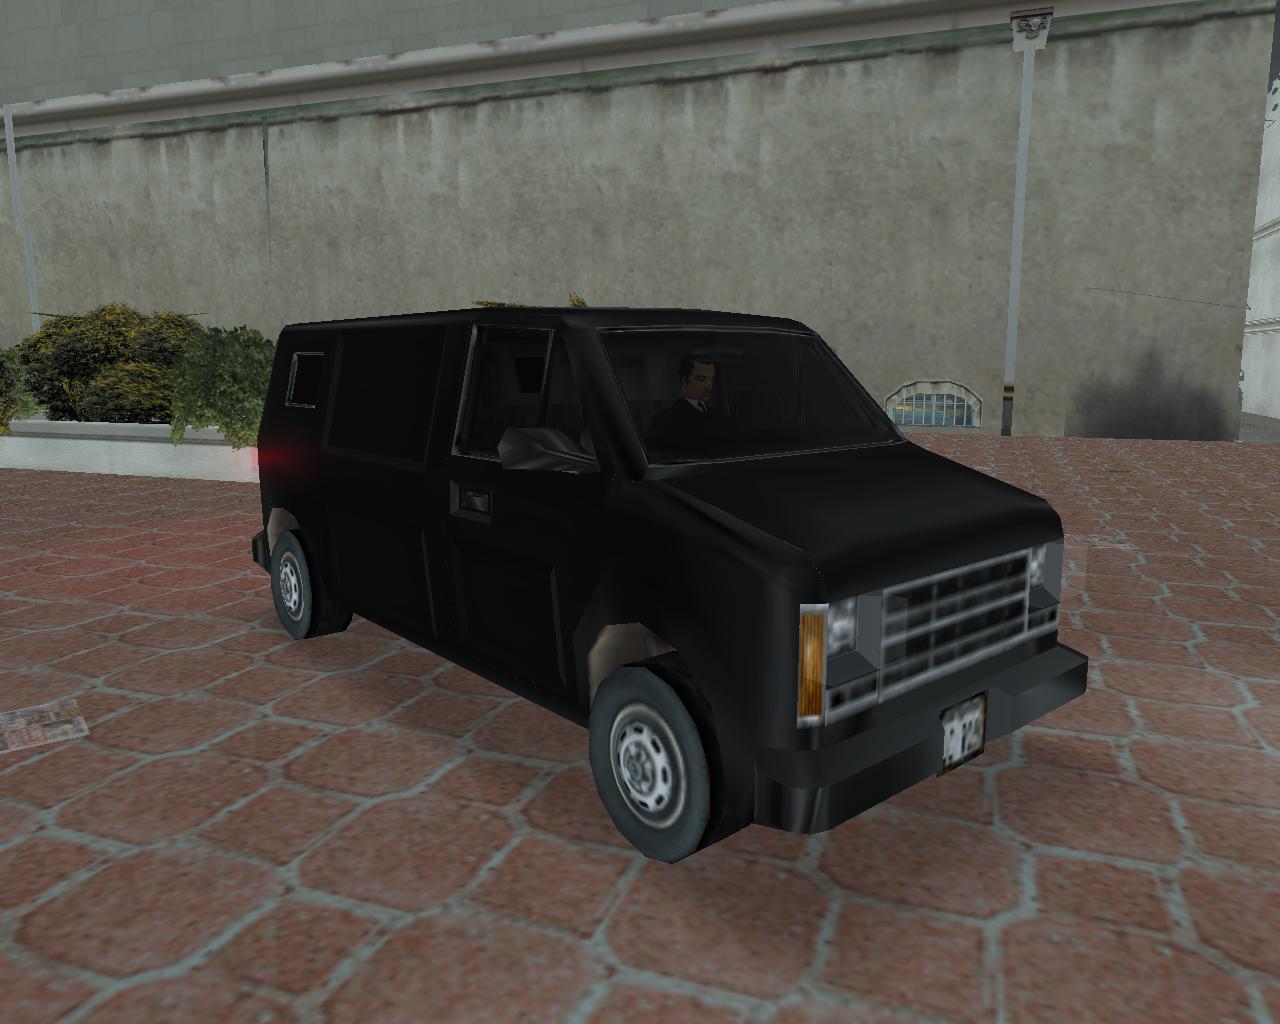 11. Rumpo (UC) - Grand Theft Auto 3